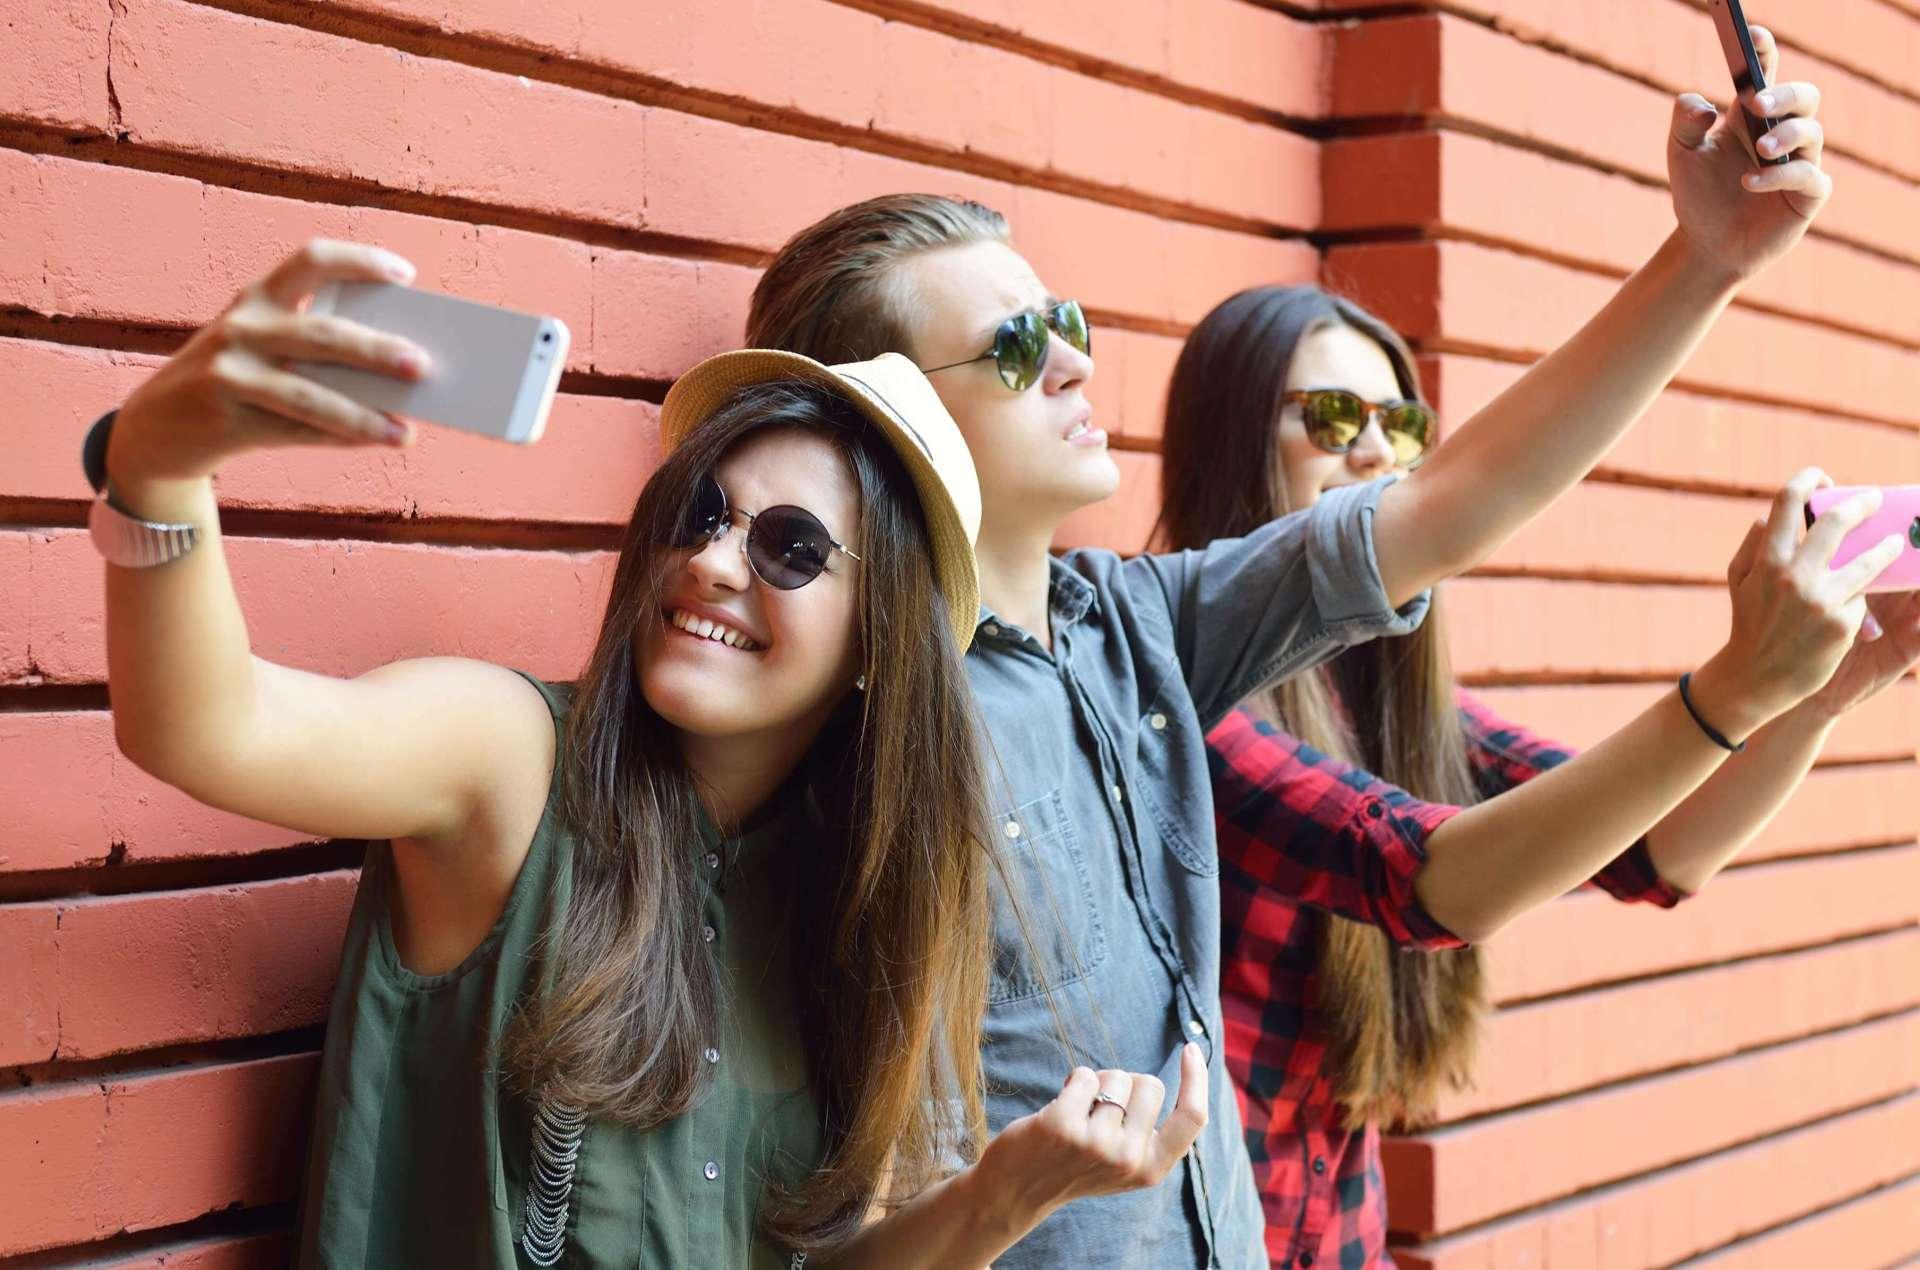 Teenagers taking selfies for social media